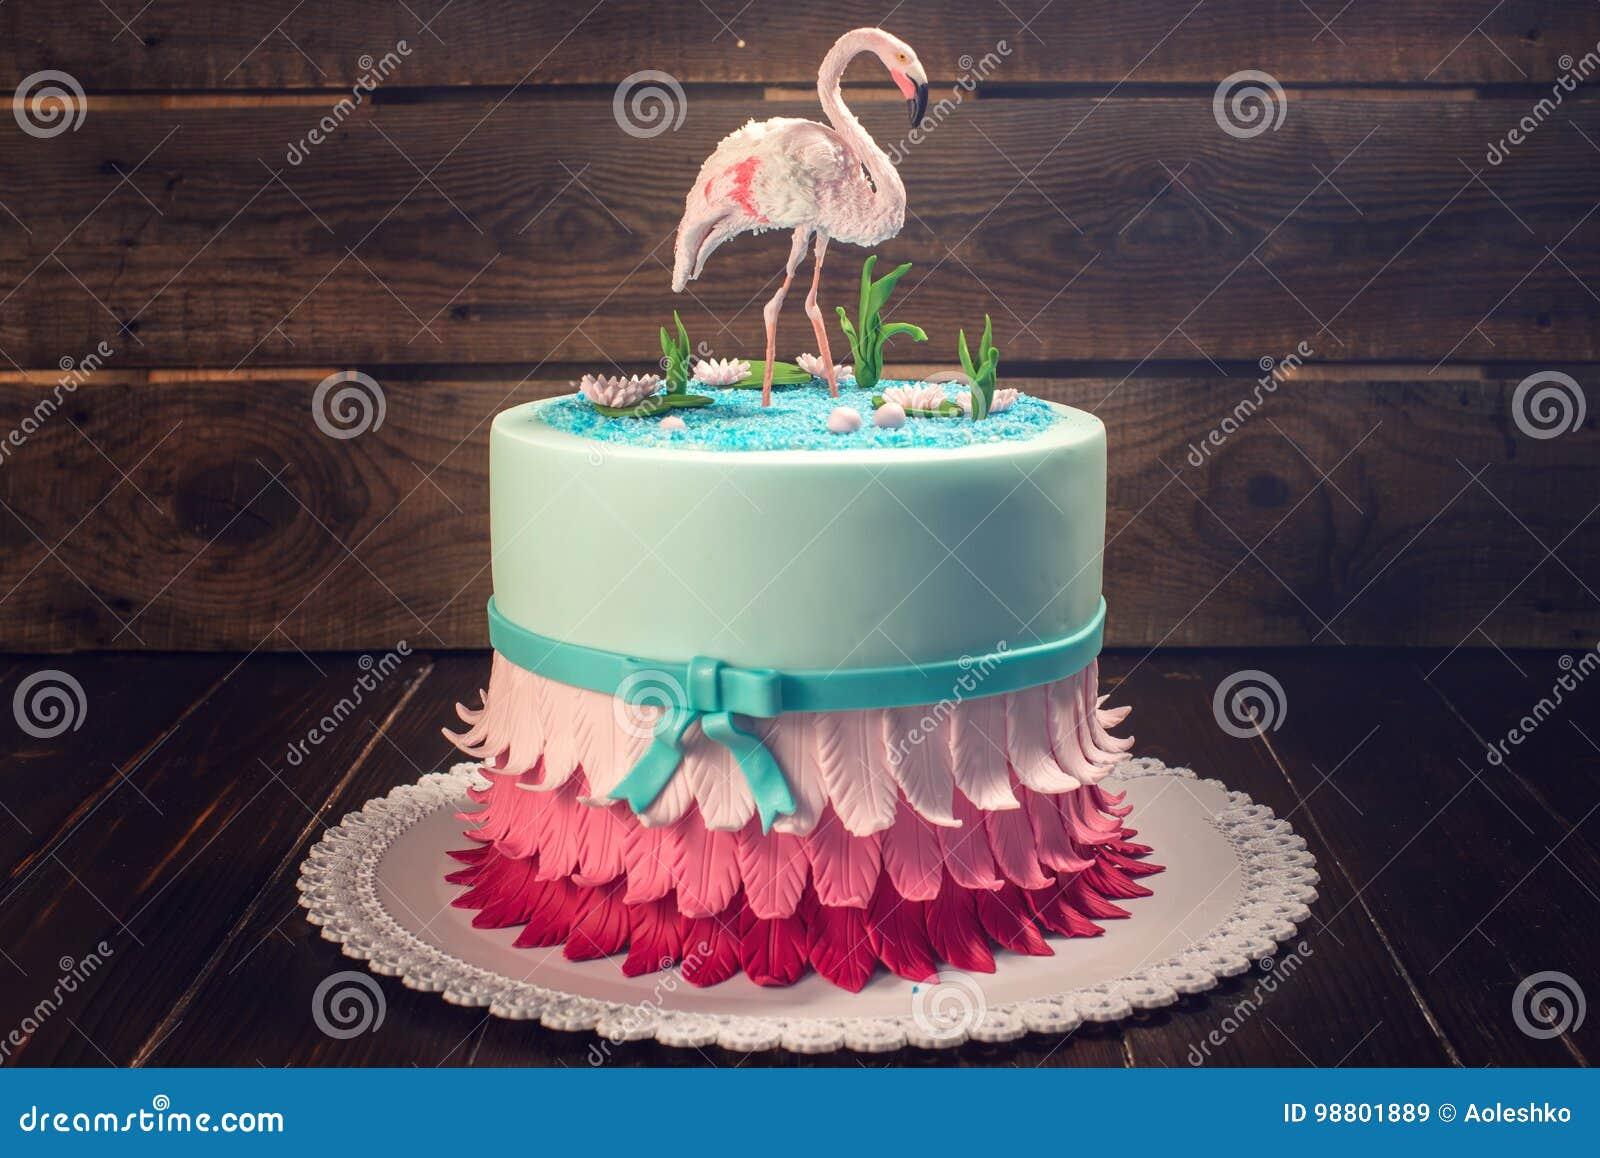 Schoner Kuchen Verziert Mit Einer Zahl Von Rosa Flamingos Im Teich